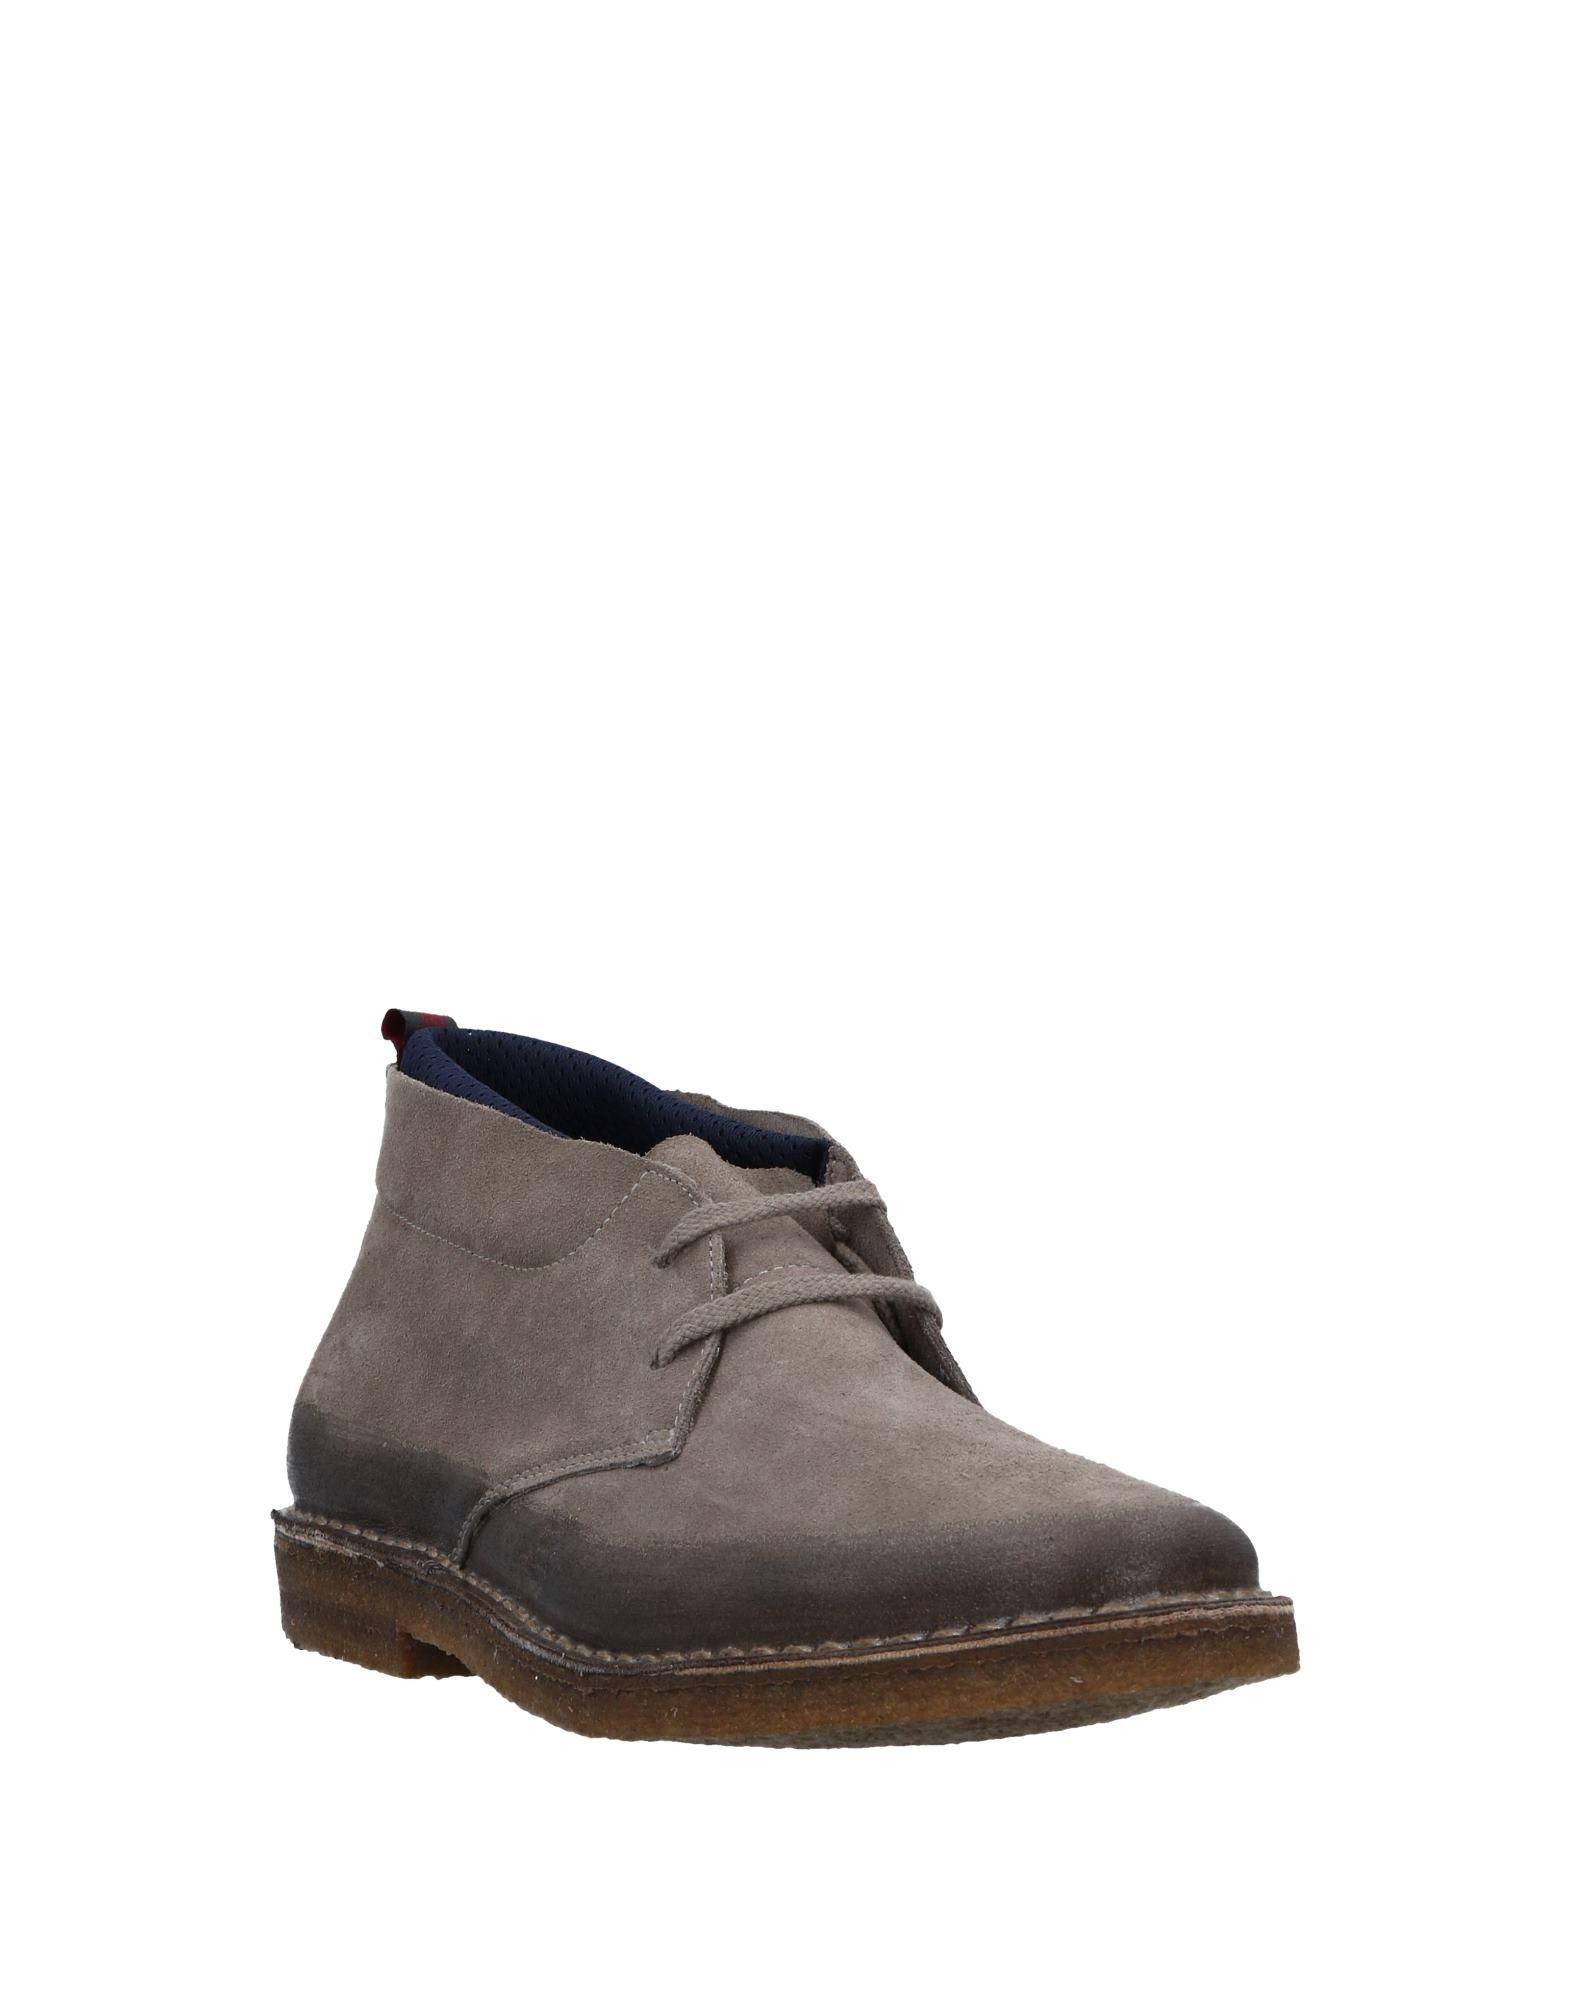 Rabatt echte Schuhe Wally 11533129WP Walker Stiefelette Herren  11533129WP Wally 0439e3